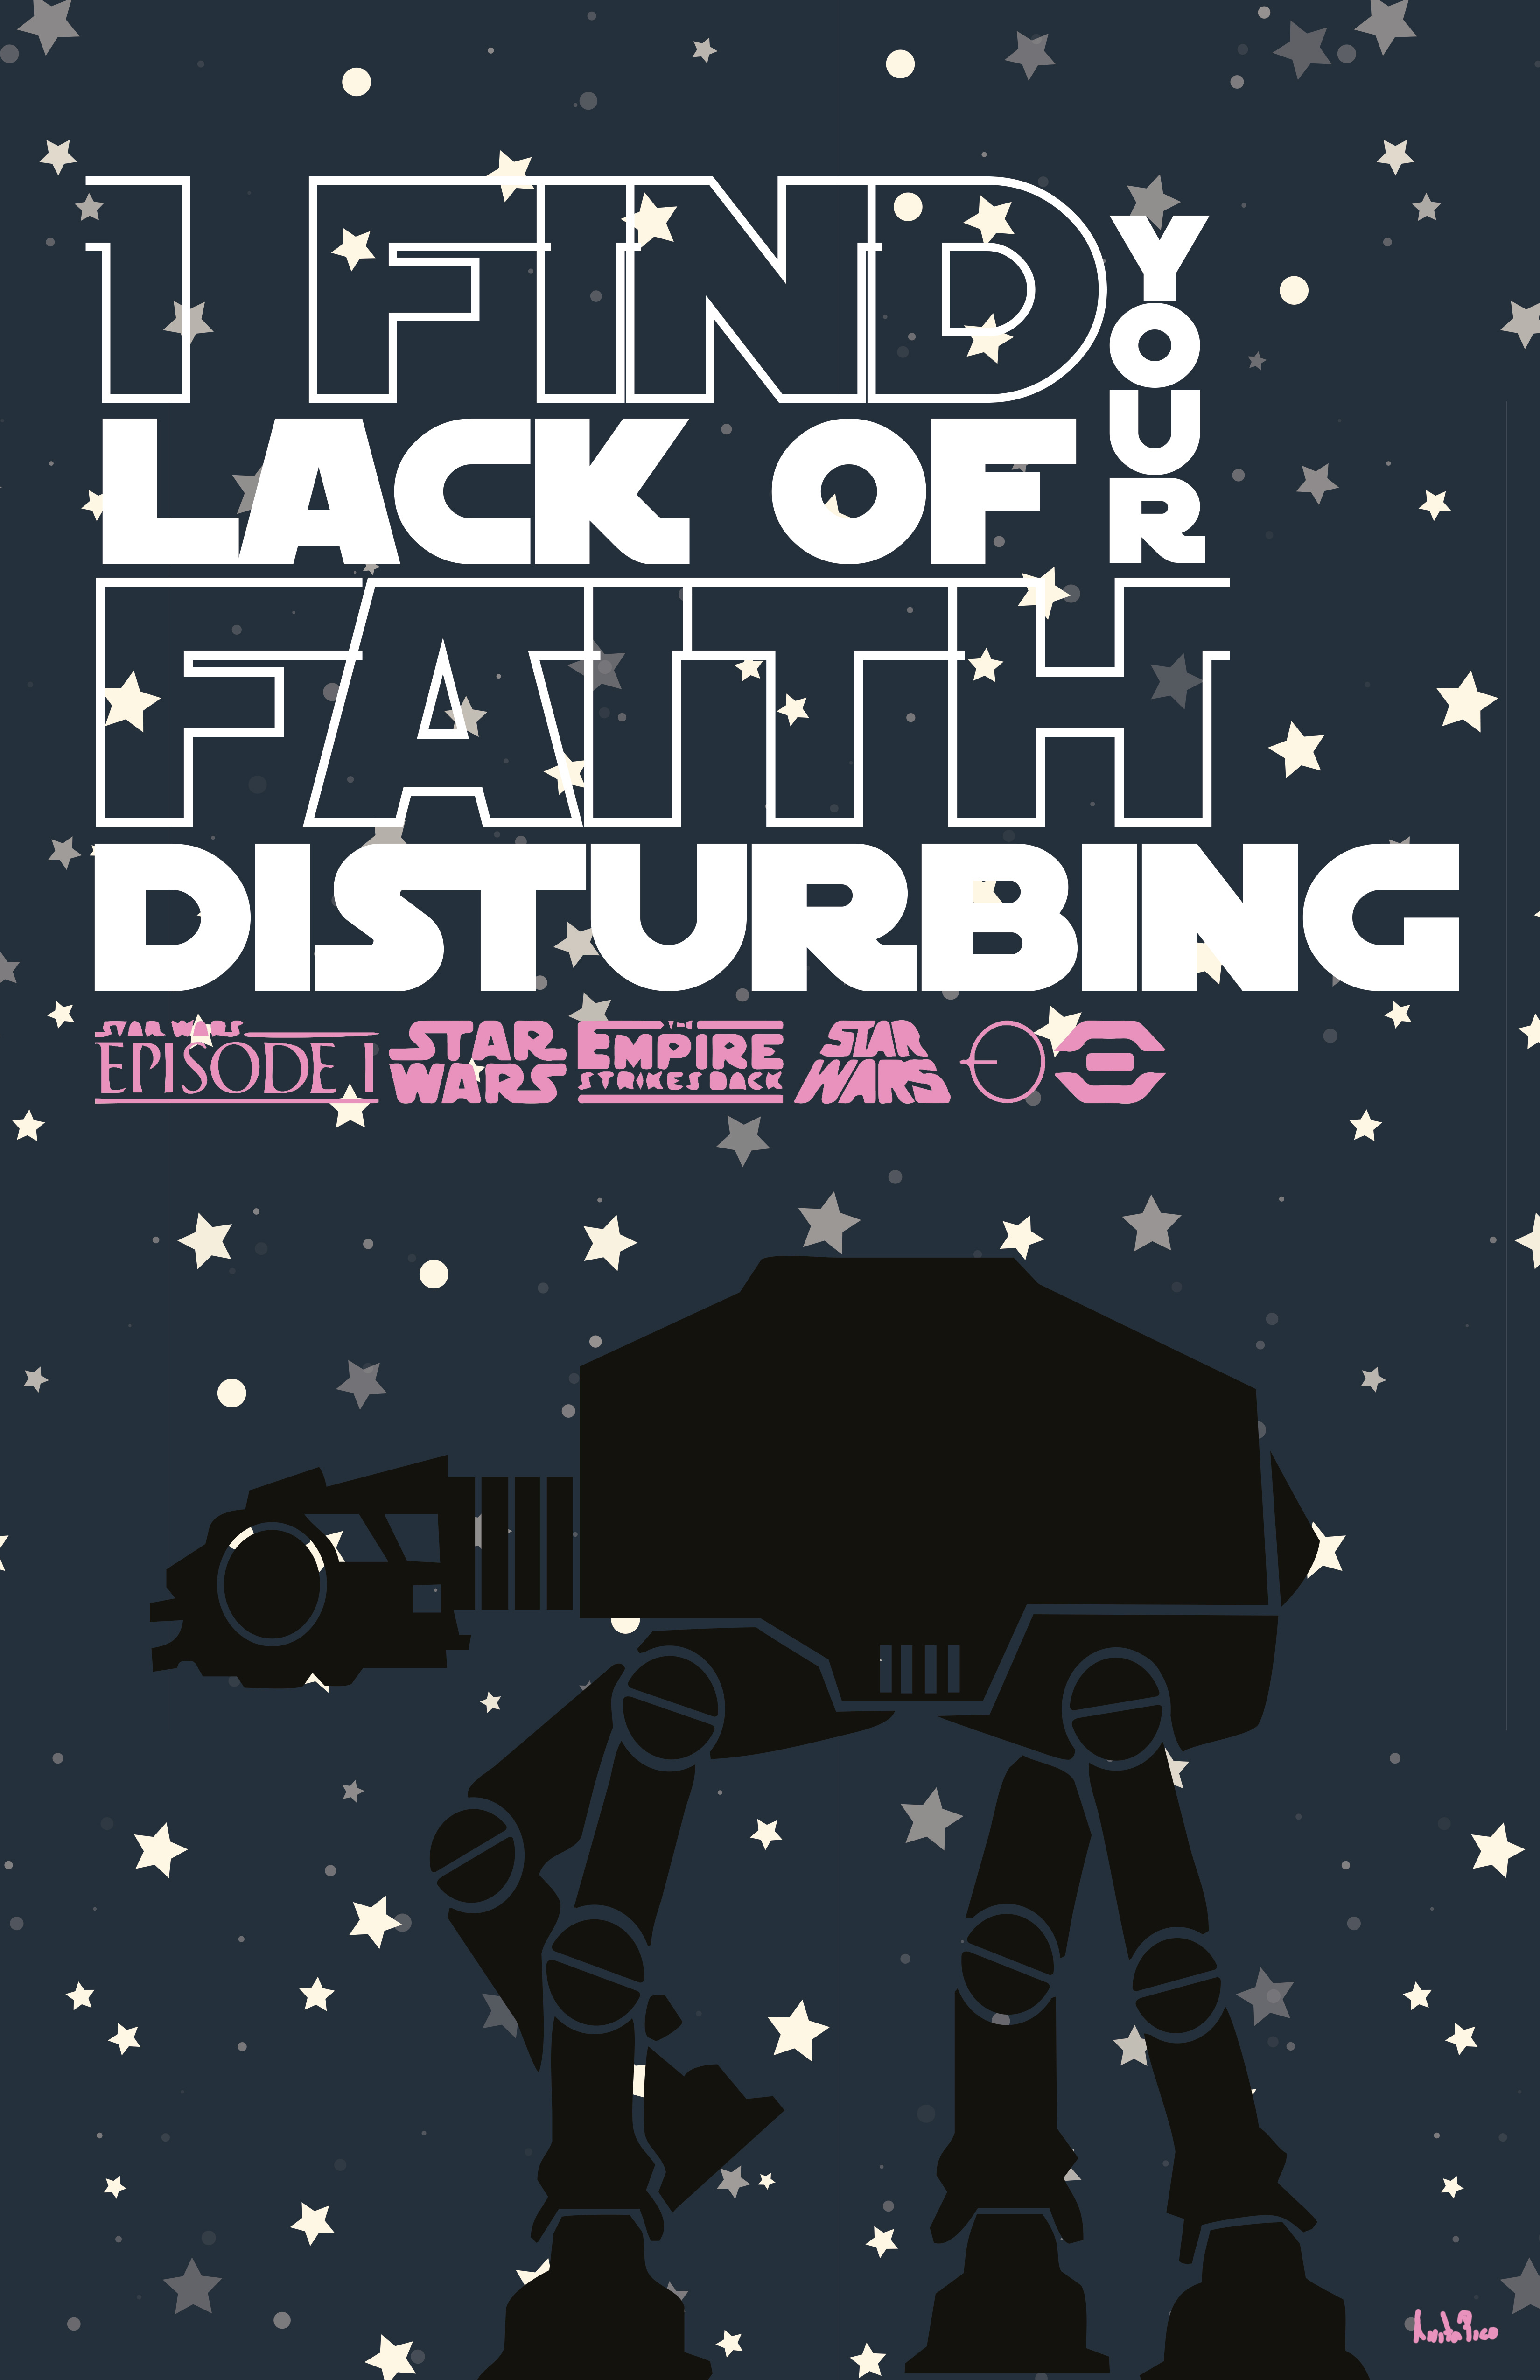 Lack or faith!